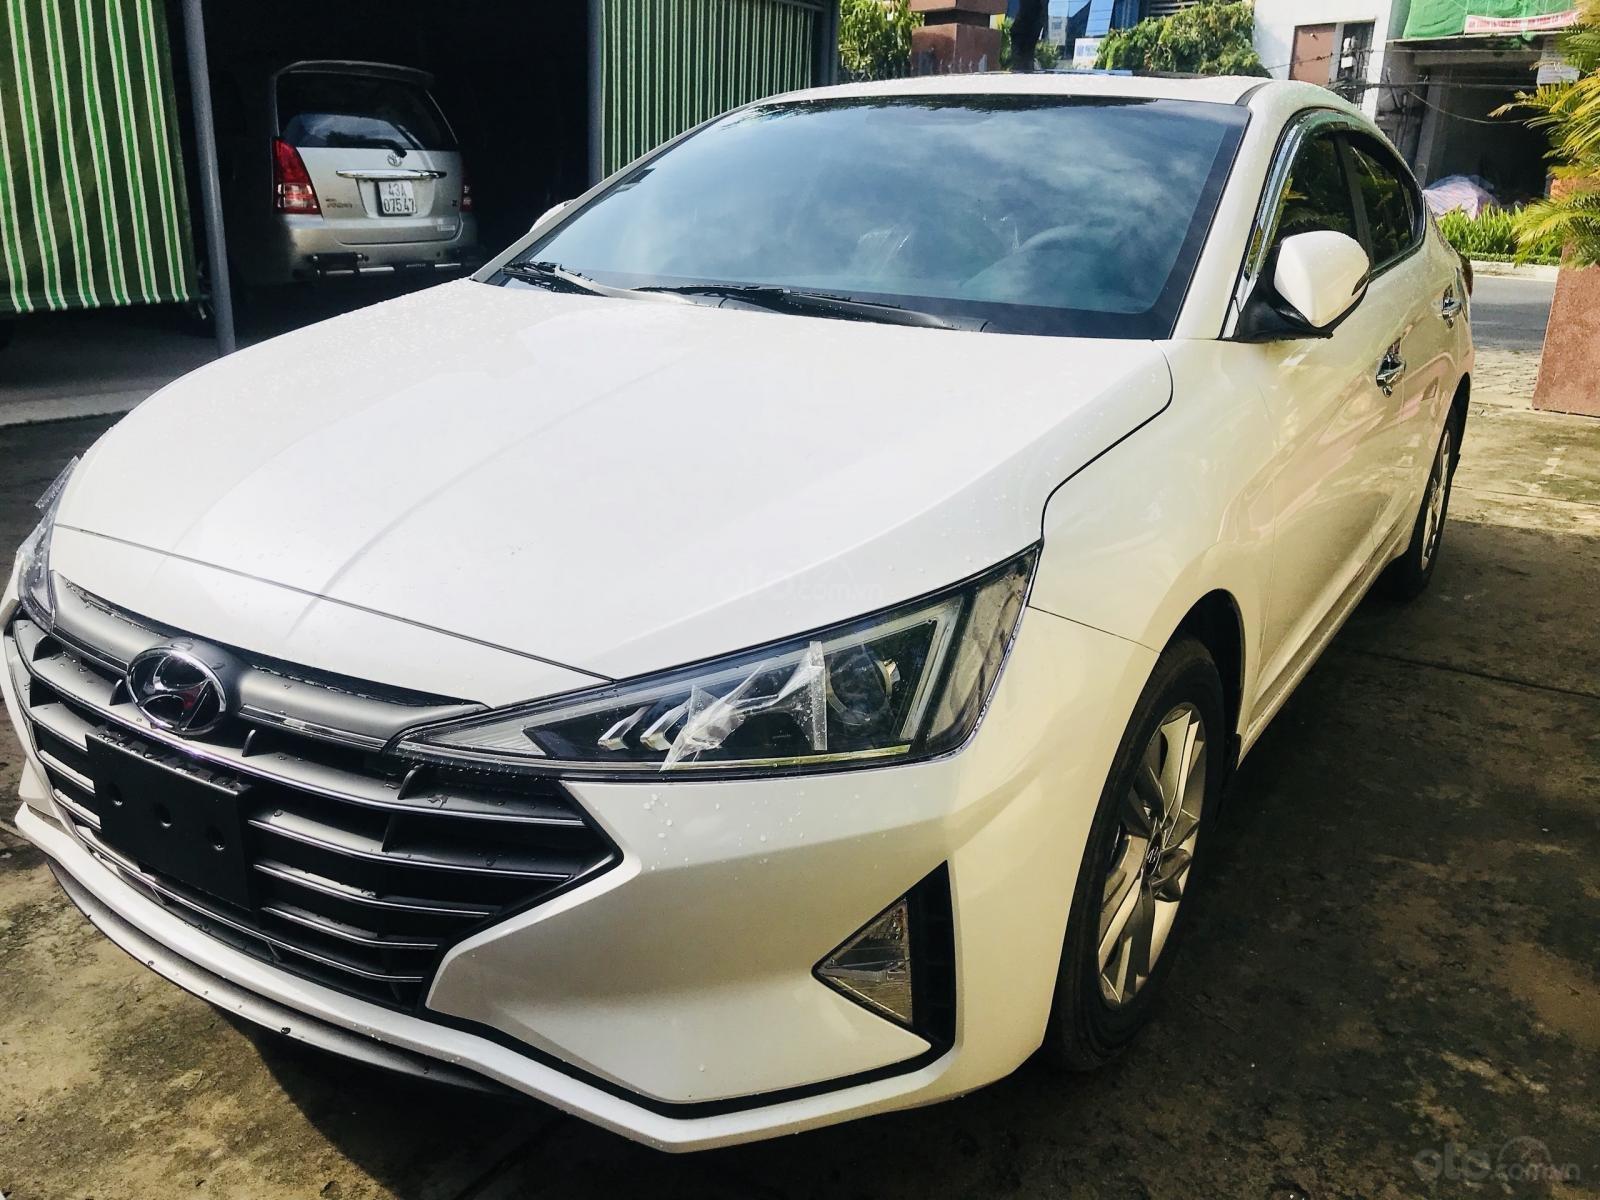 Chỉ 150 triệu, khuyến mãi 20 triệu duy nhất trong tháng 10, giao xe ngay với Hyundai Elantra 2019, hotline: 0974 064 605 (3)